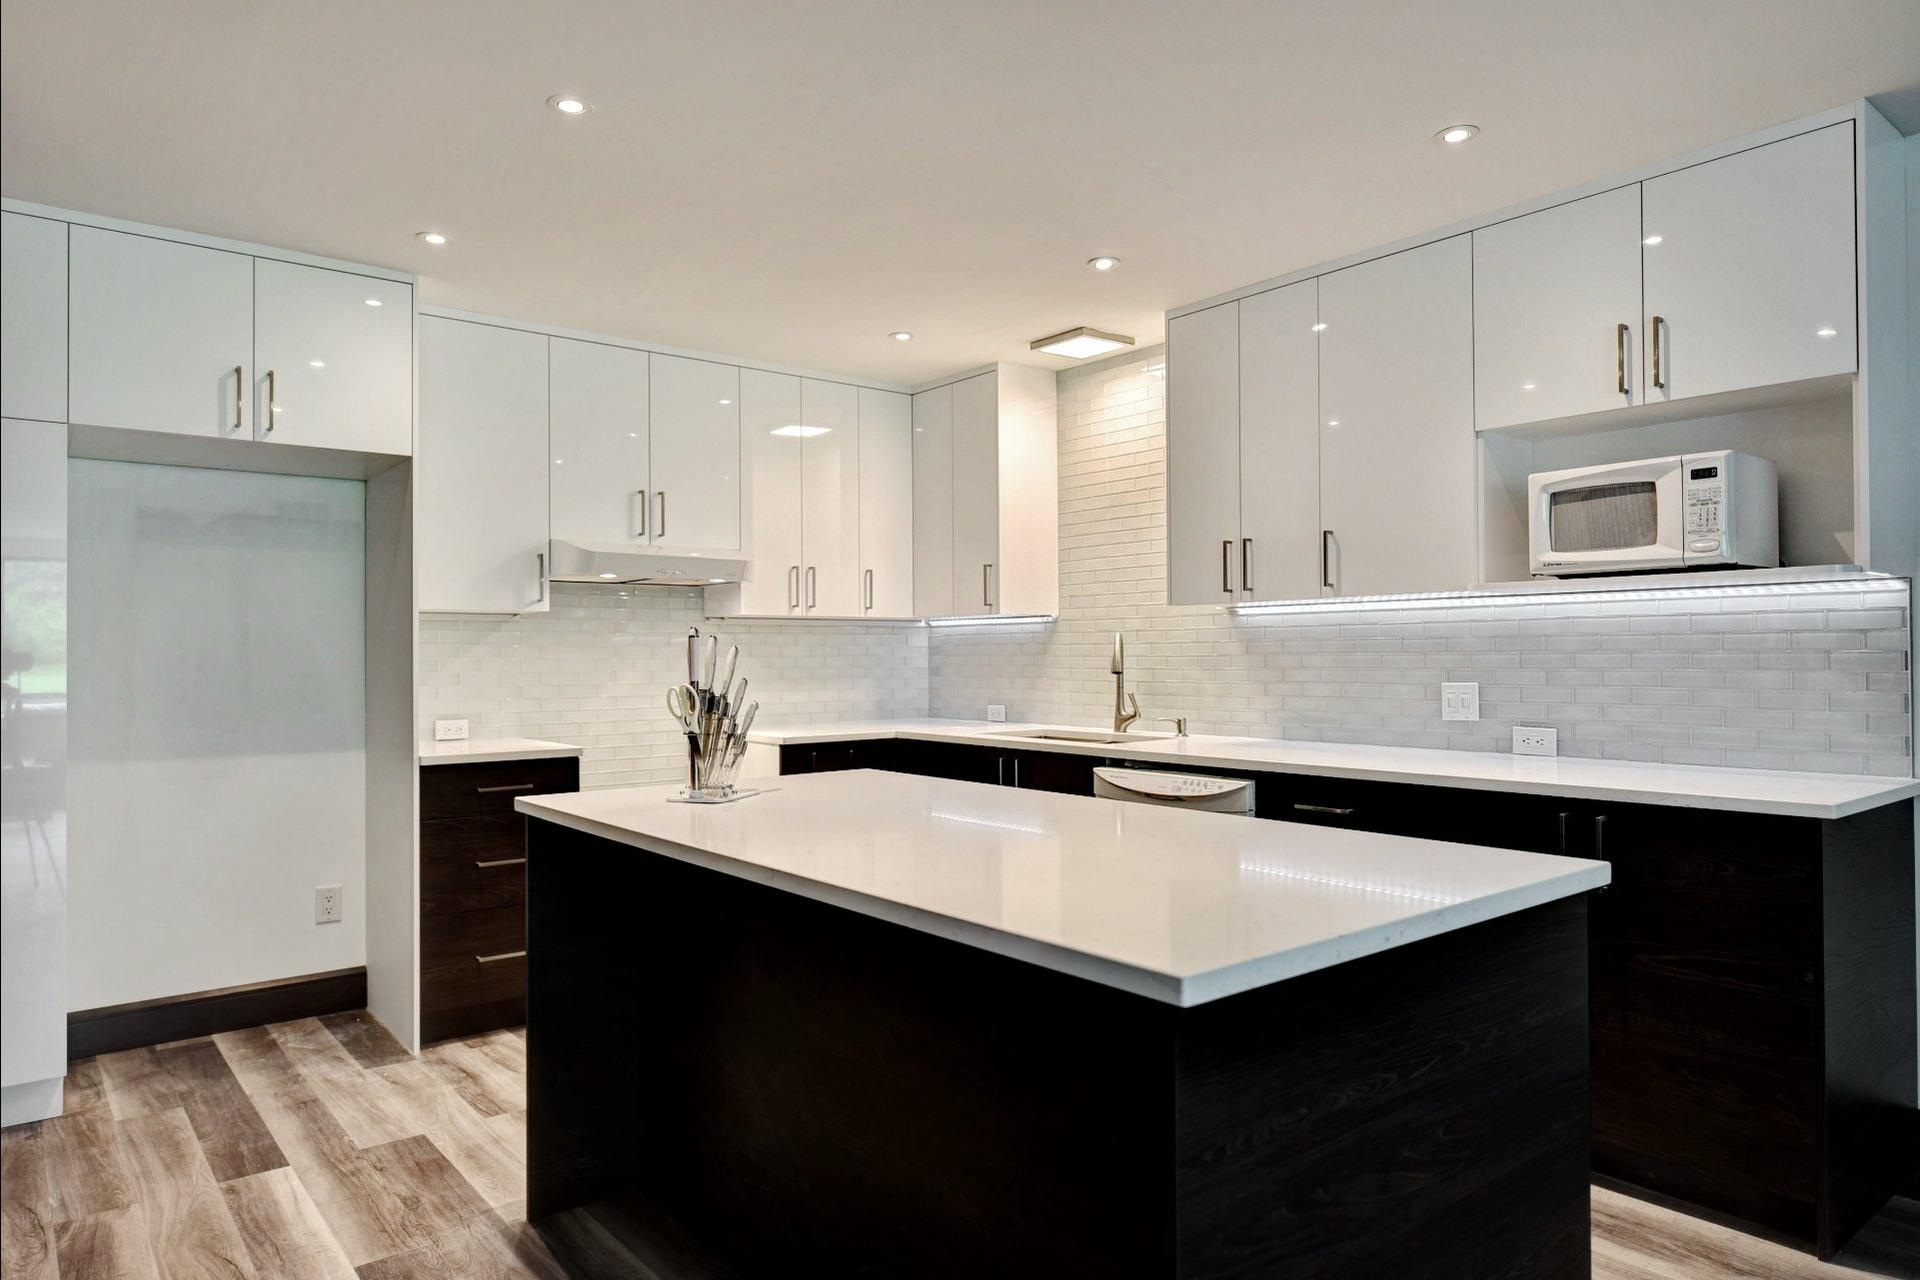 image 13 - Appartement À vendre Montréal Verdun/Île-des-Soeurs  - 8 pièces